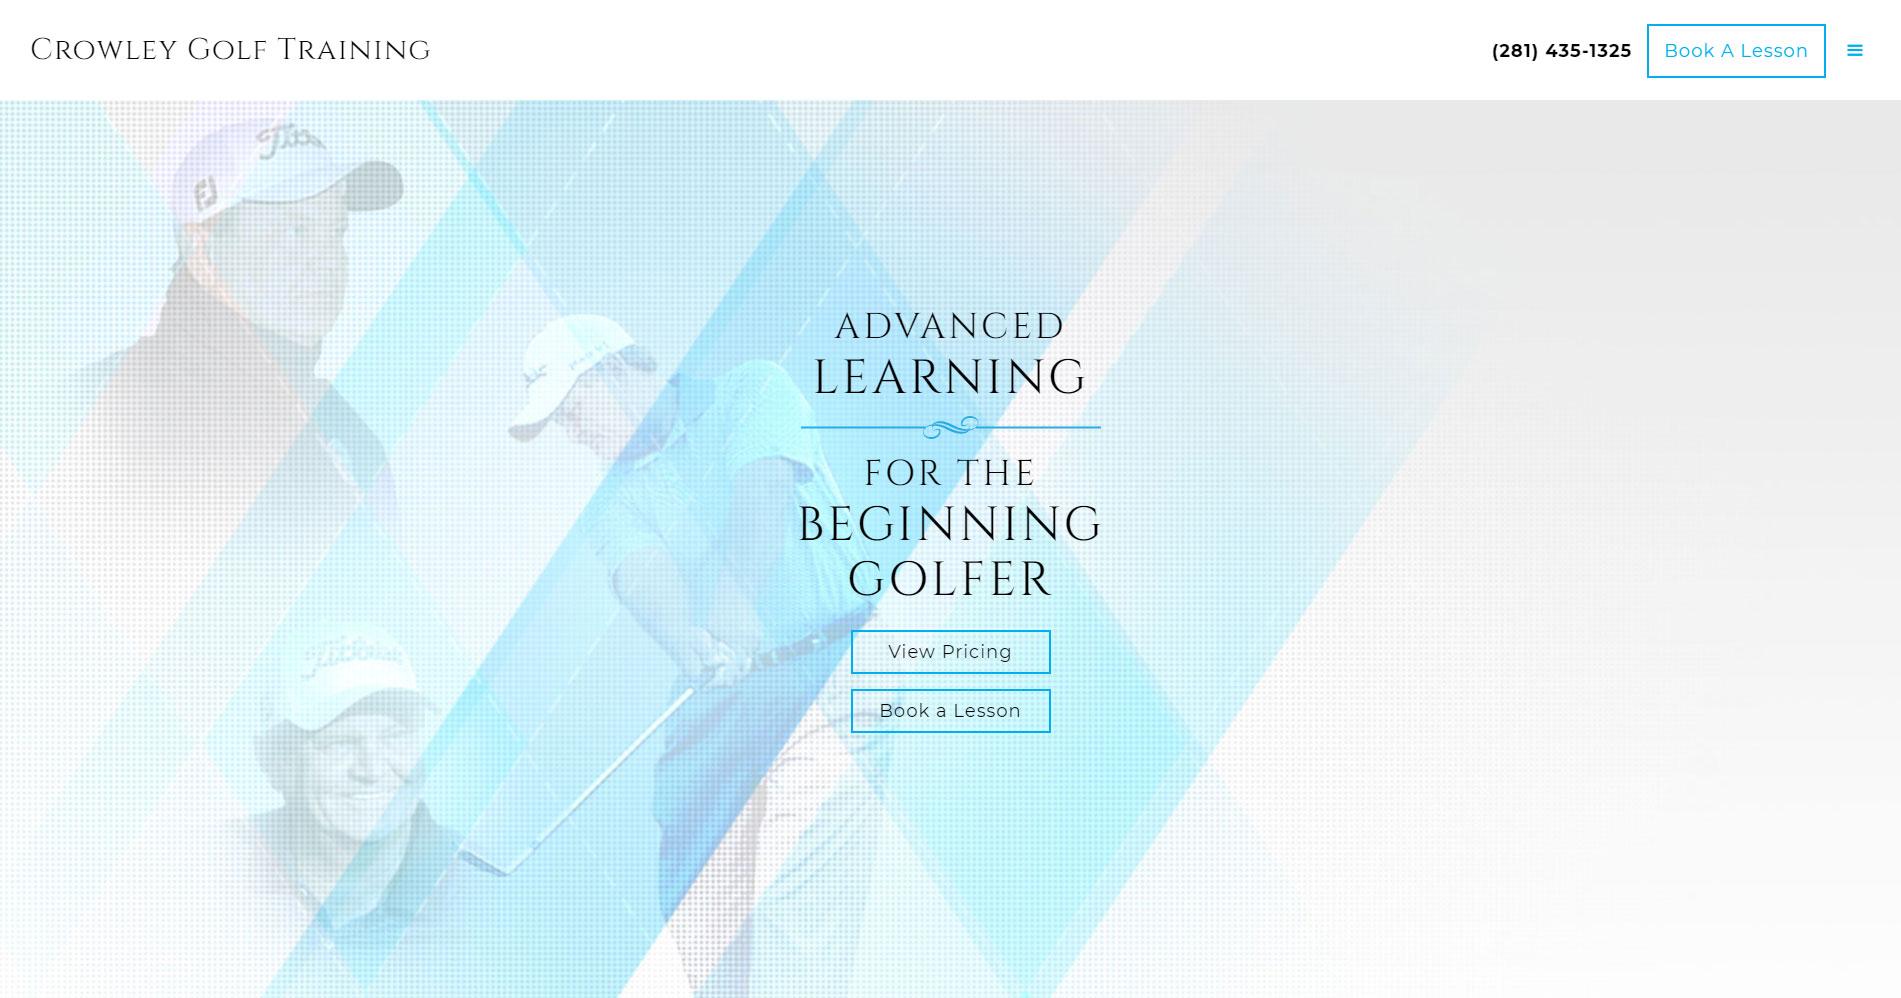 Crowley Golf Training